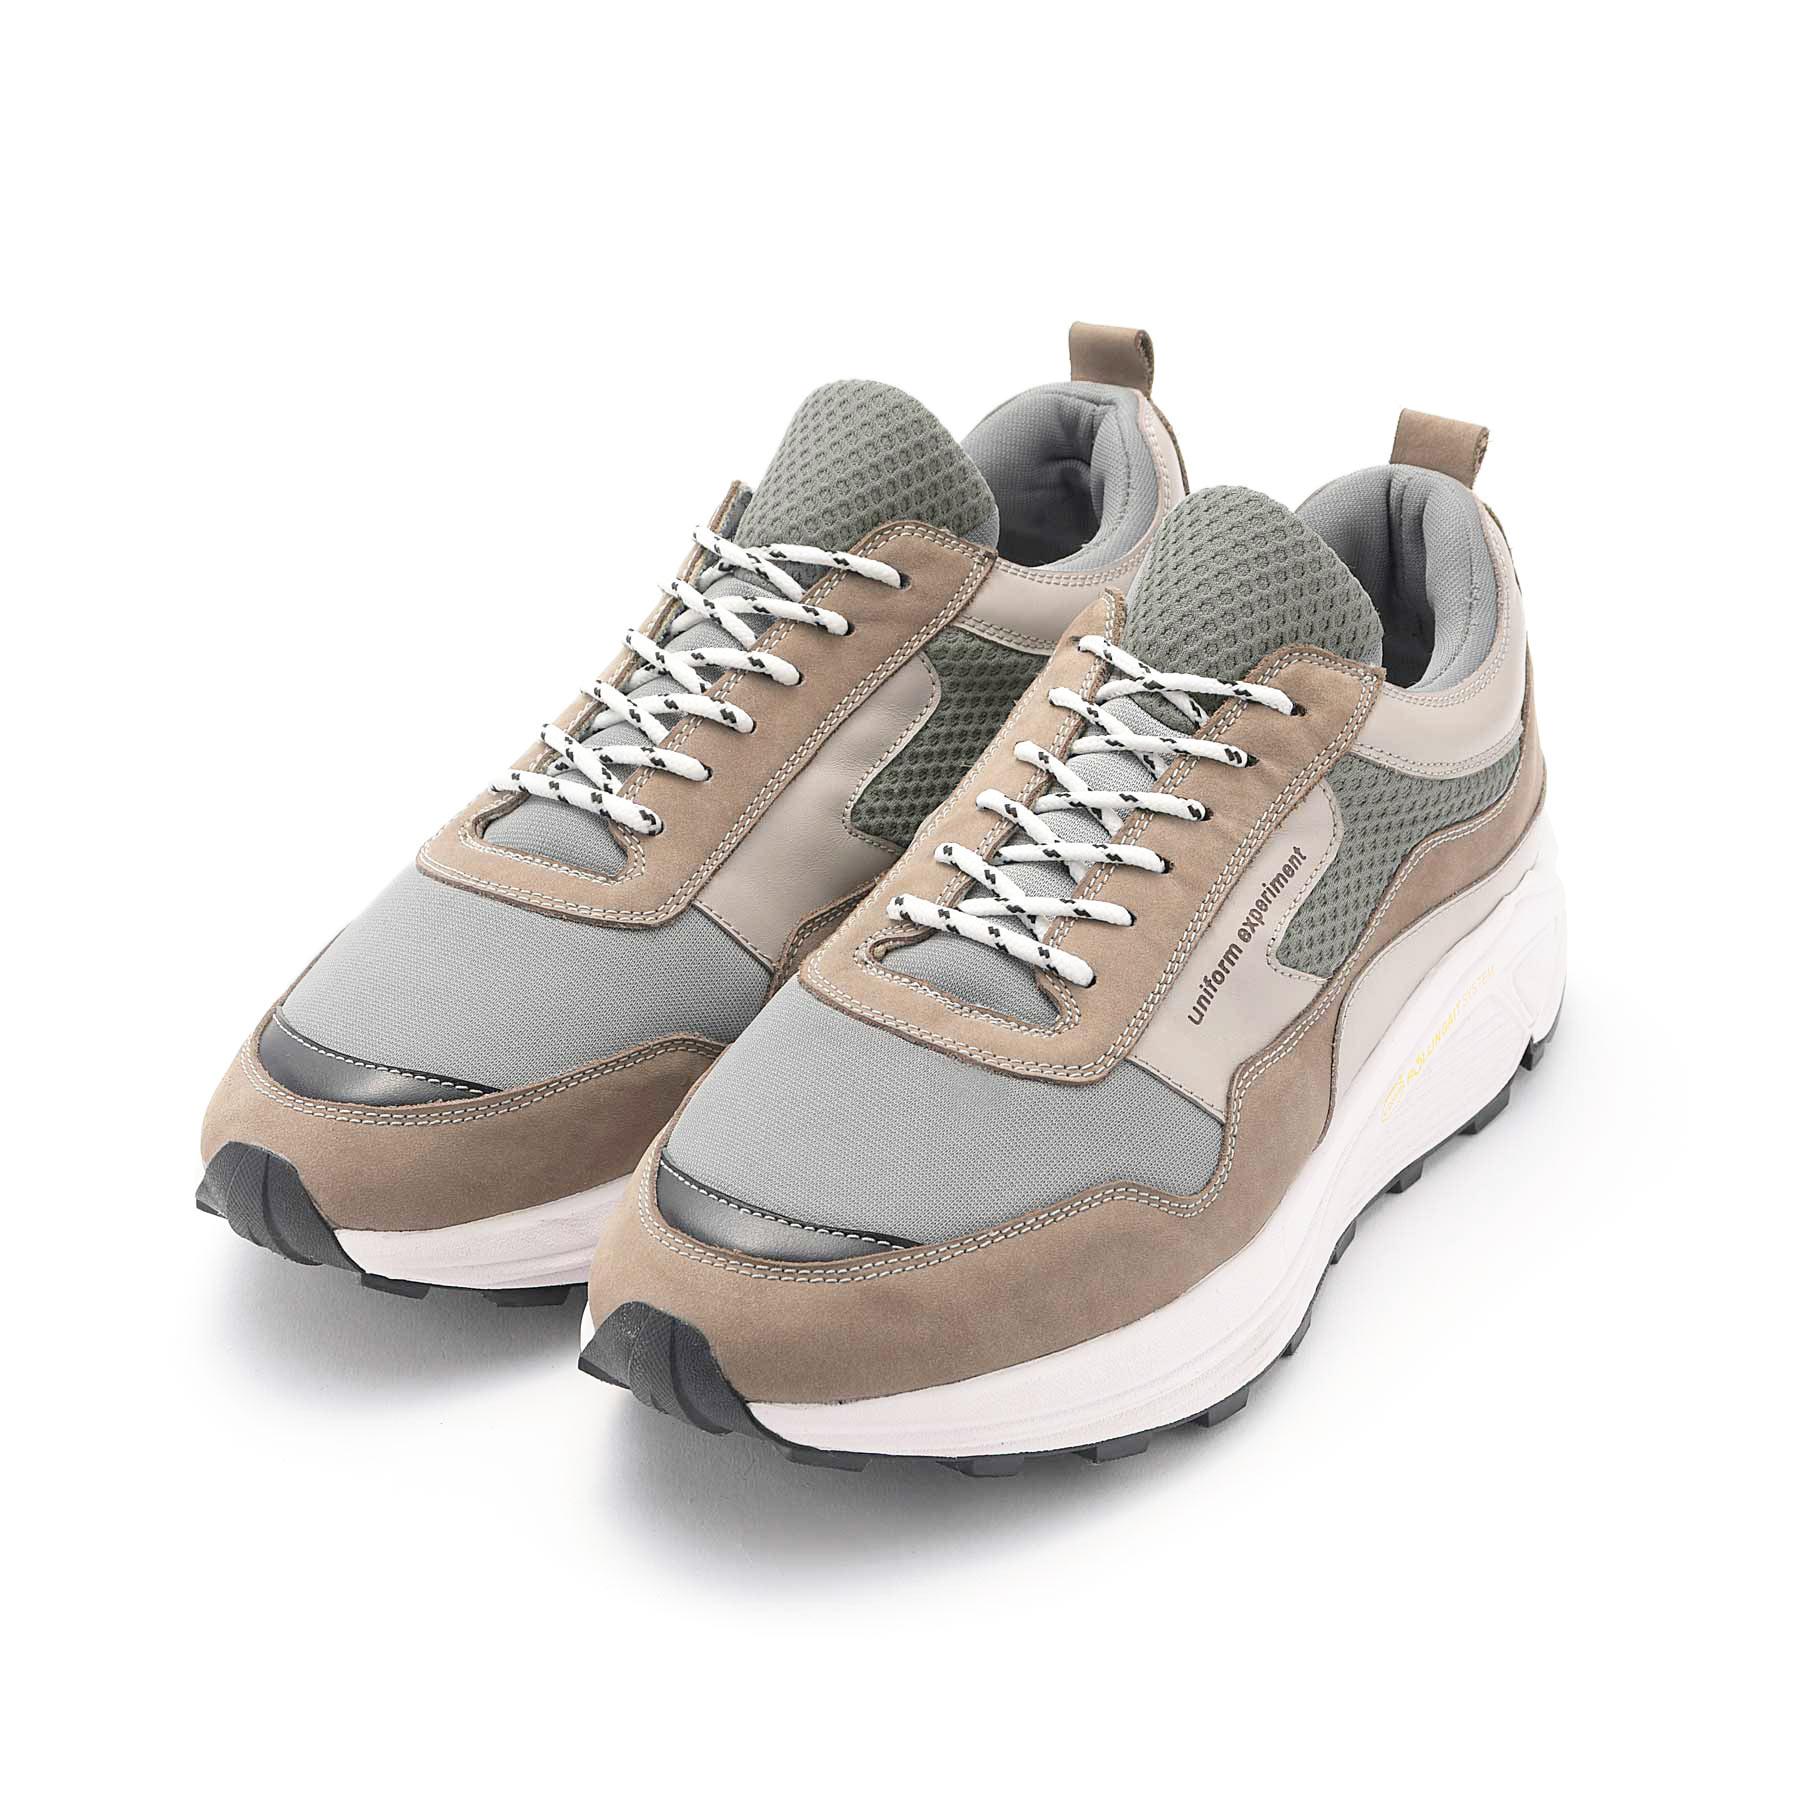 soph vibram sole sneaker 27cm gray